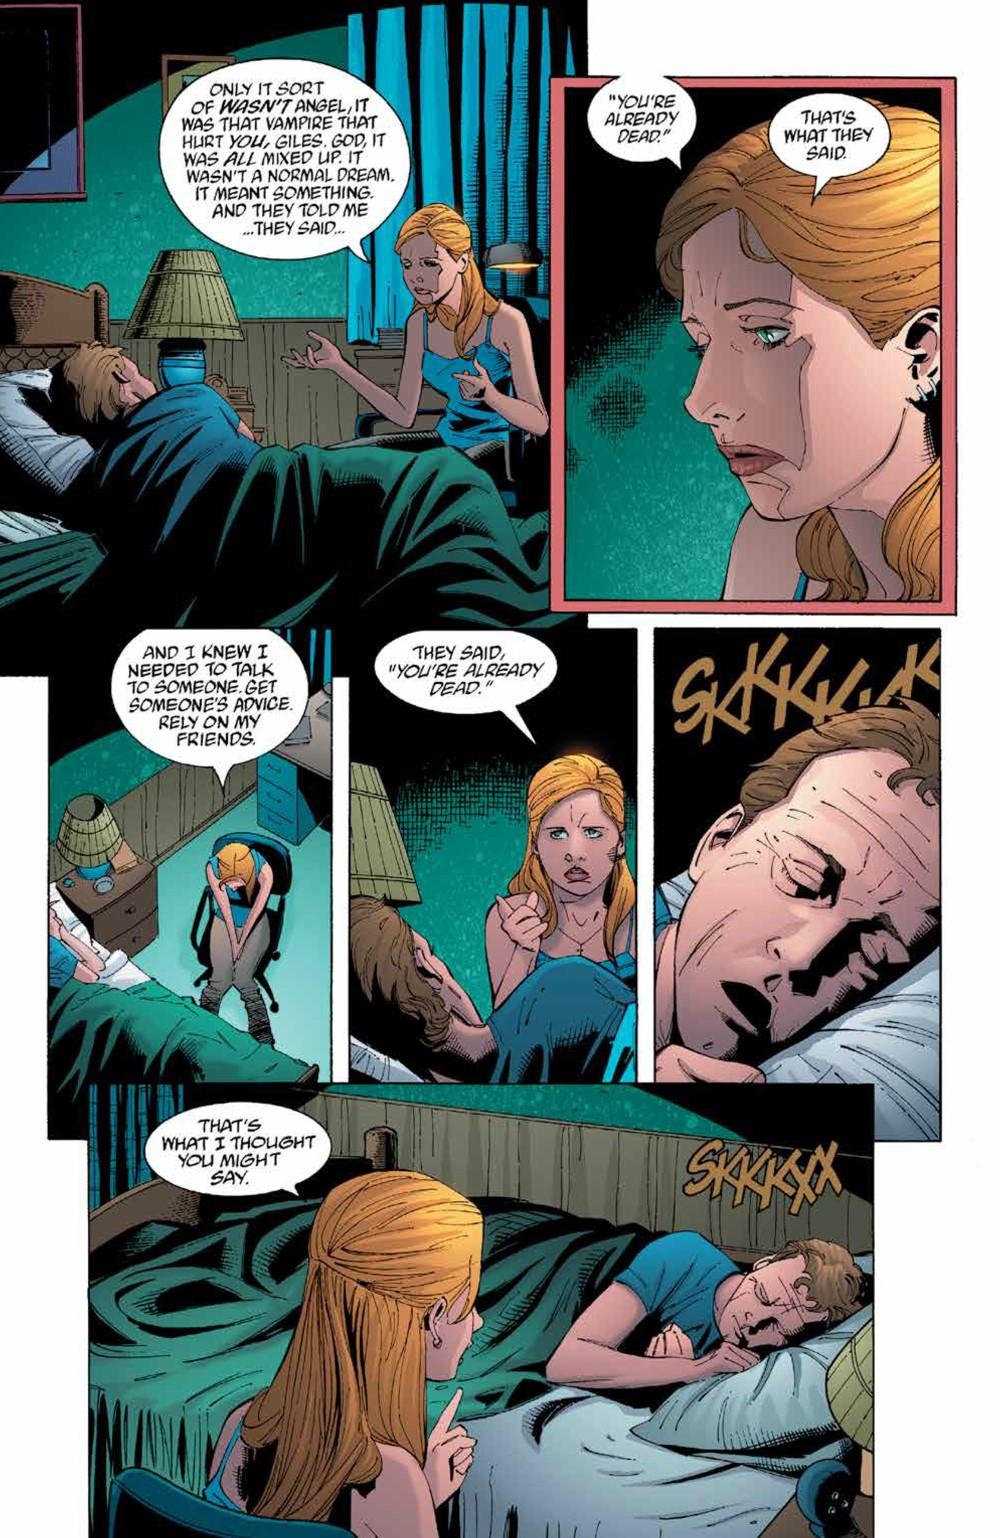 Buffy_Legacy_v5_SC_PRESS_10 ComicList Previews: BUFFY VAMPIRE SLAYER LEGACY EDITION VOLUME 5 TP